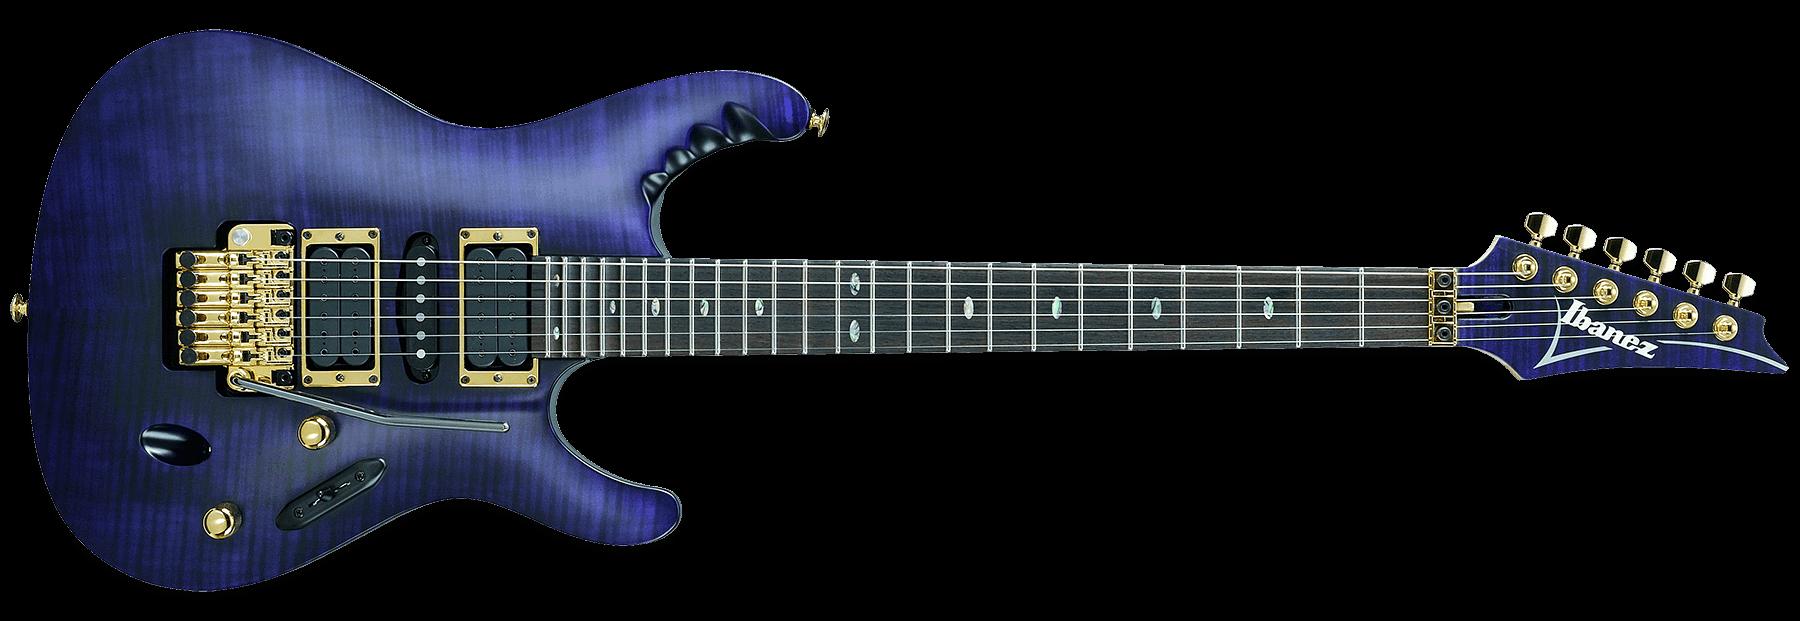 Ibanez EGEN18 Trans Violet Flat